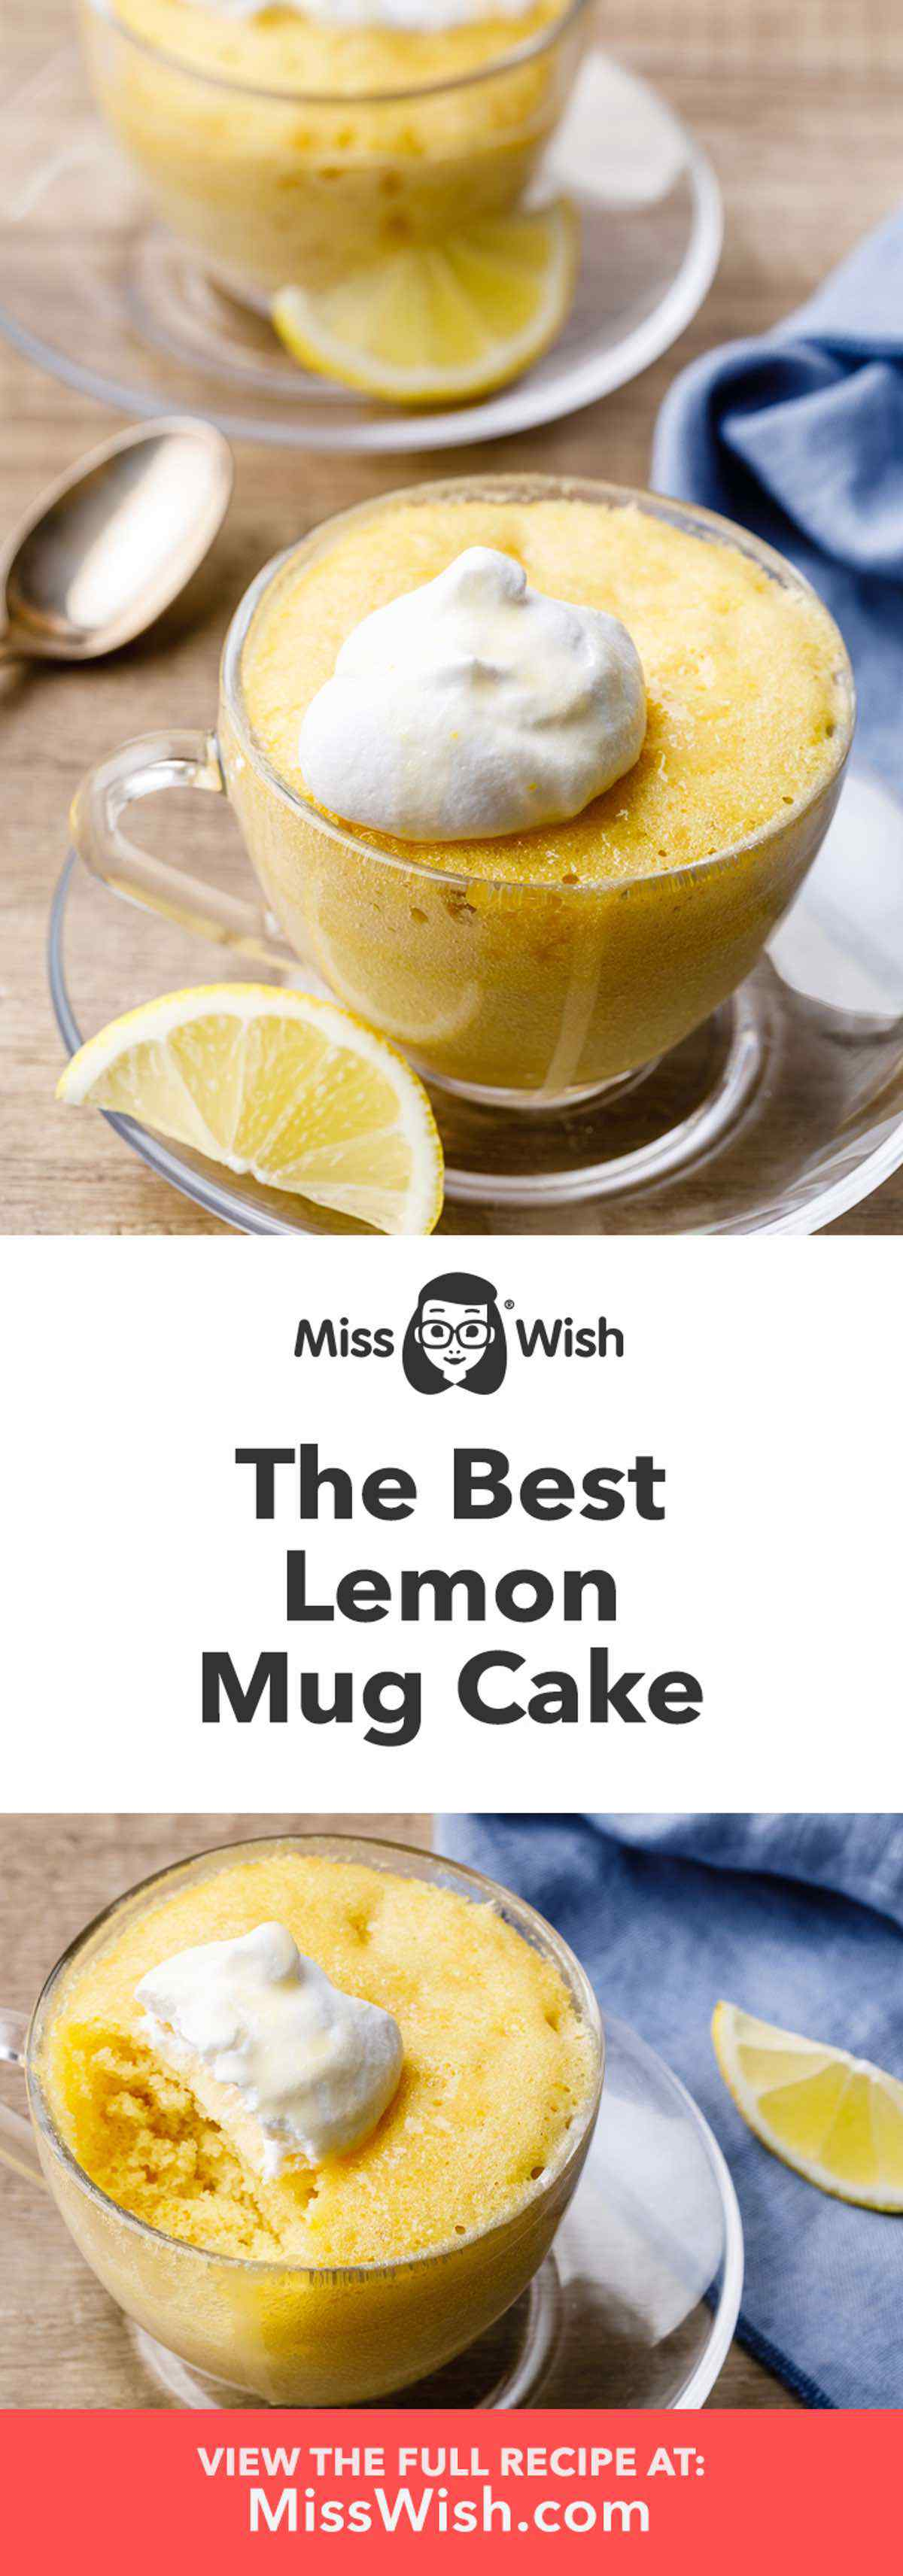 Homemade Lemon Mug Cake